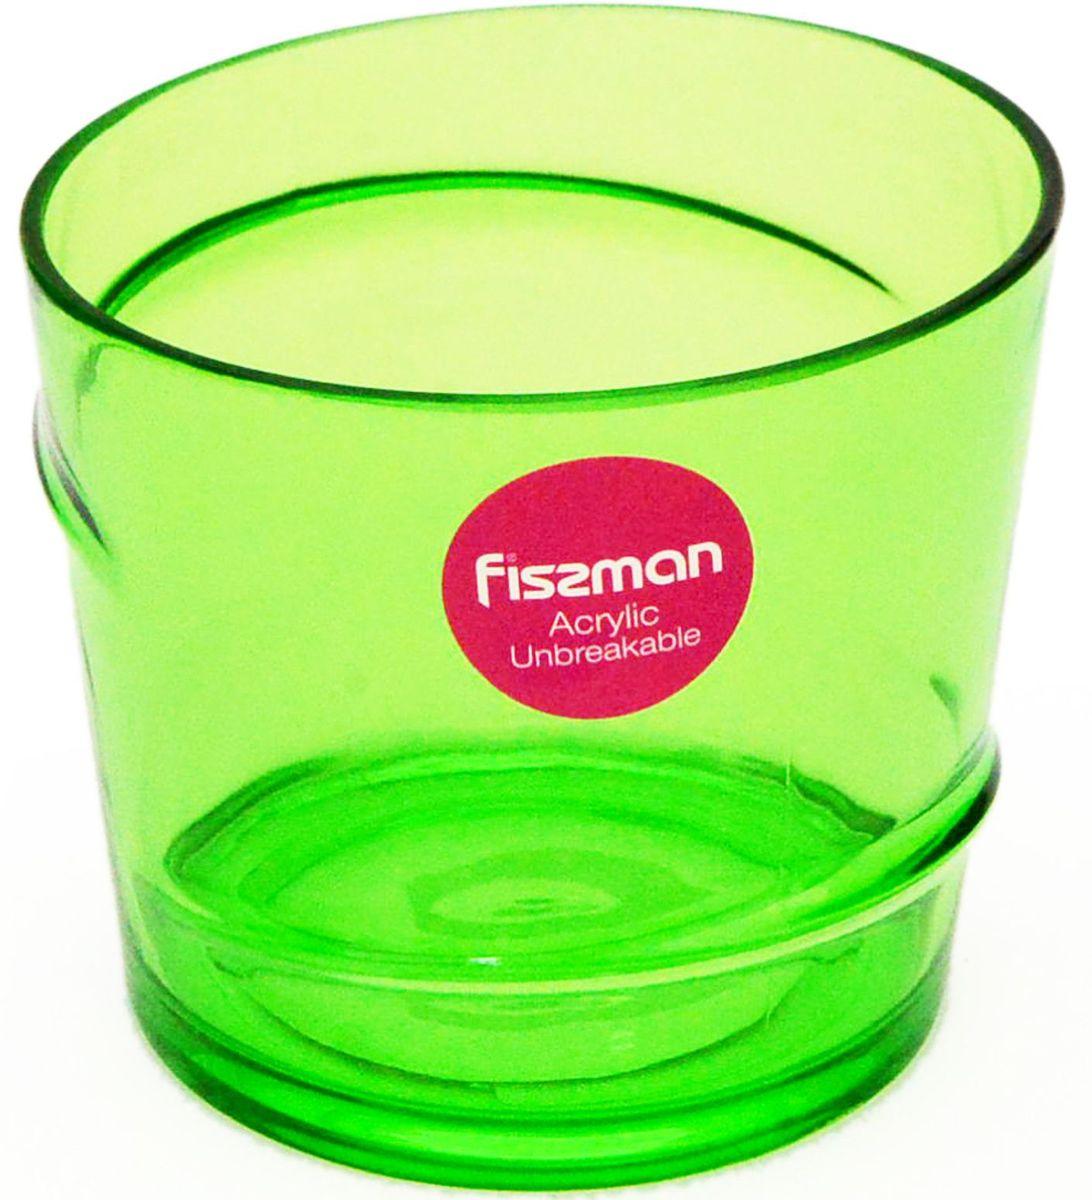 Стакан Fissman, 275 мл. 9427VT-1520(SR)Стакан Fissman изготовлен из акрила. Такойстакан прекрасно подойдетдля различных напитков. Он дополнит коллекцию вашей кухонной посуды и будетслужить долгие годы. Объем: 275 мл.